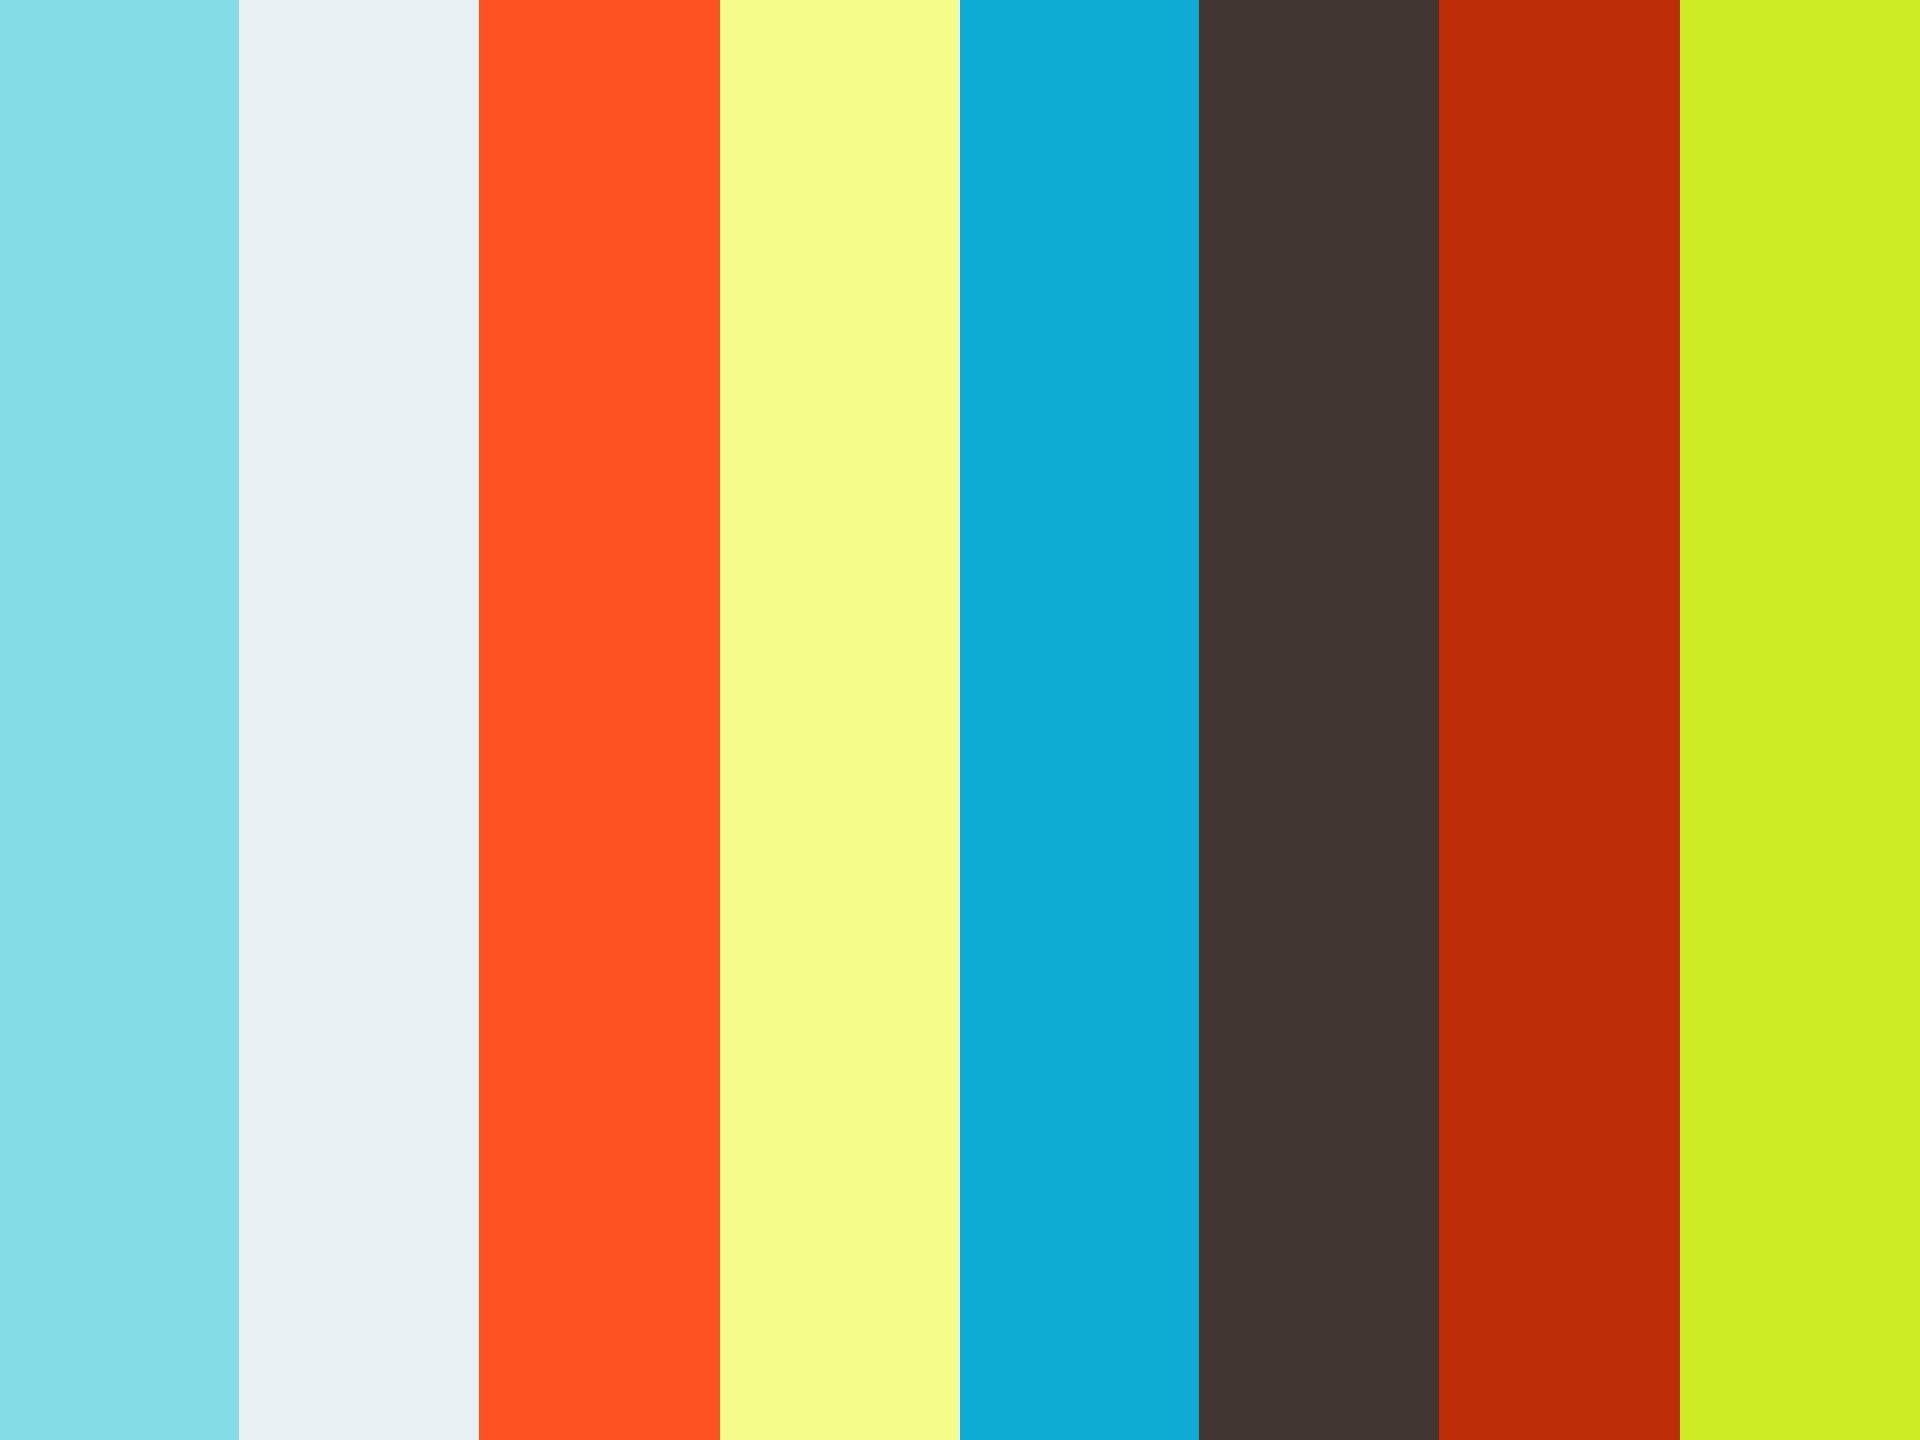 Μένω σπίτι και μαθαίνω | Δημοτική | Αγωγή Ζωής (Υγιεινό Πρόγευμα Και Συνθήκες Υγιεινής)  8/4/20  Επ. 8